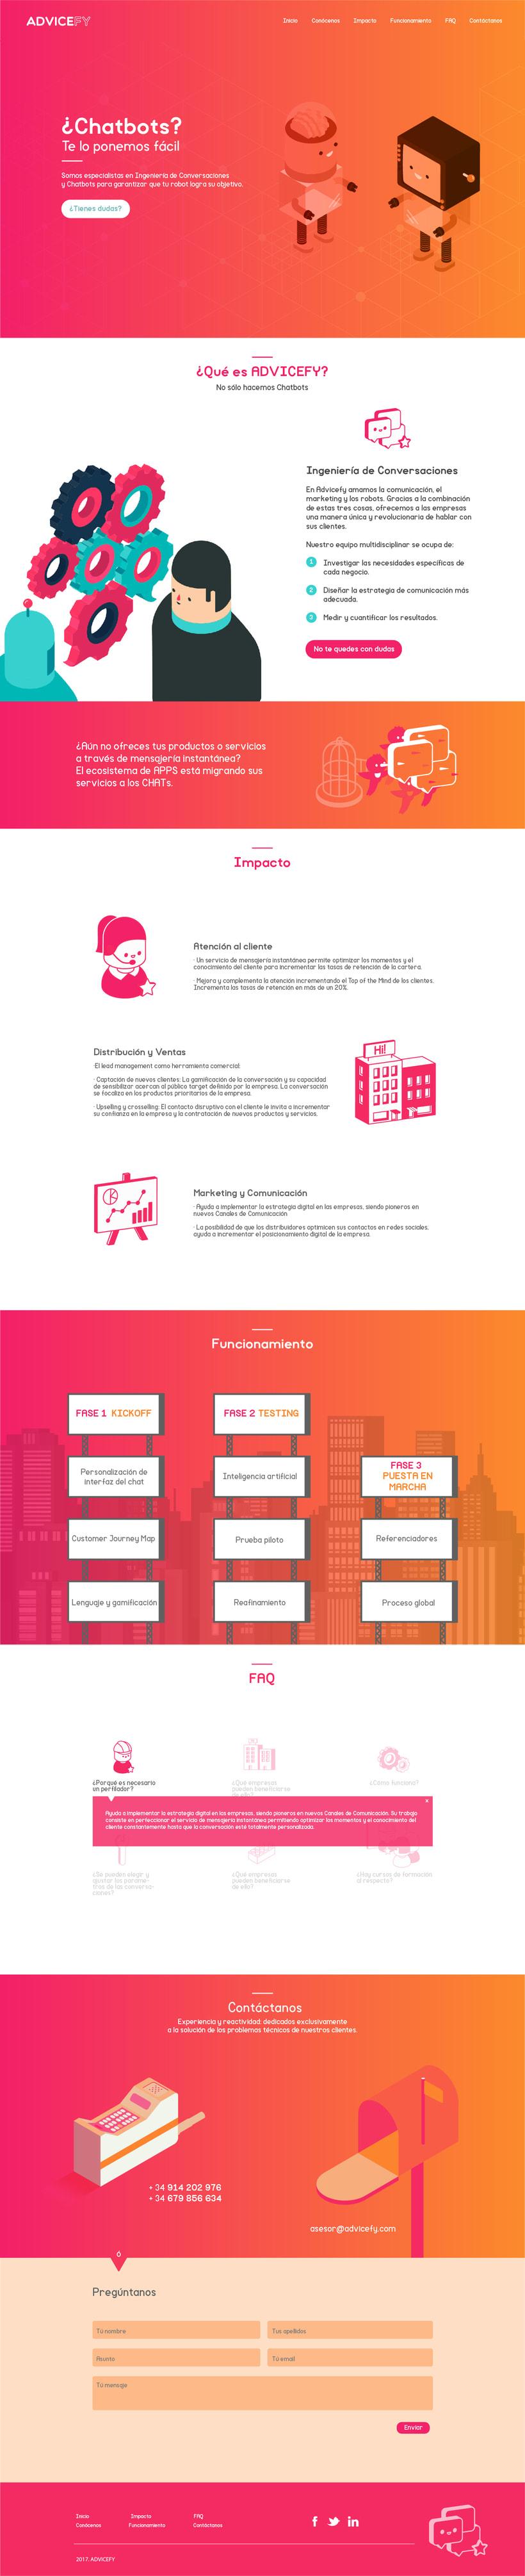 Diseño de UX para la web de ADVICEFY  0